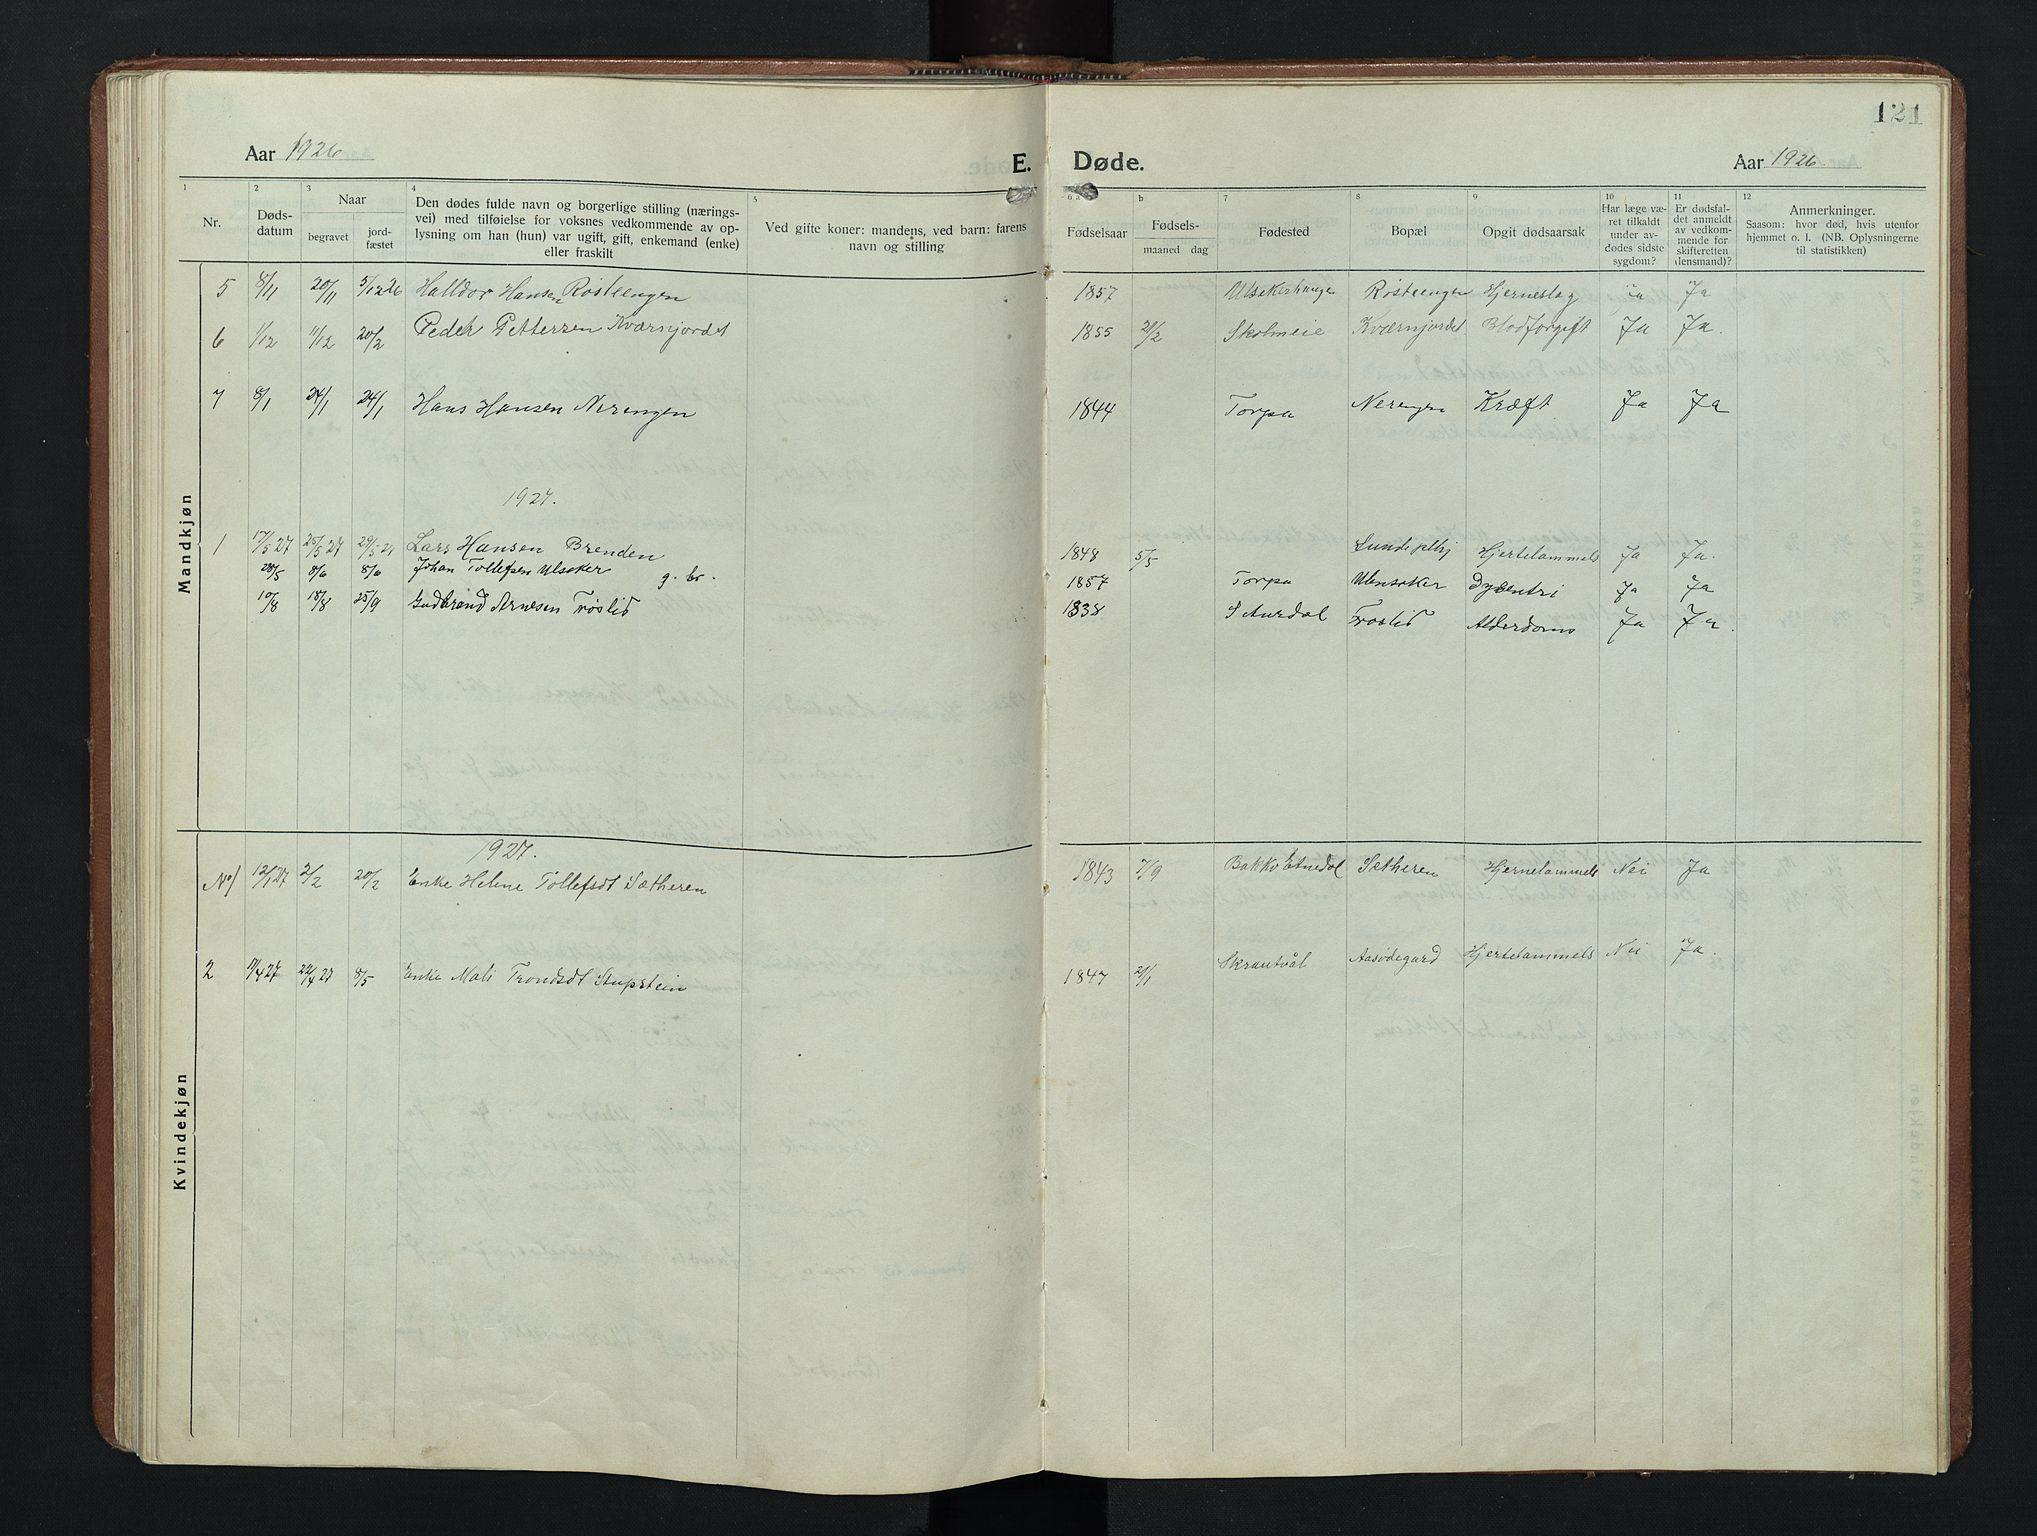 SAH, Nordre Land prestekontor, Klokkerbok nr. 9, 1921-1956, s. 121